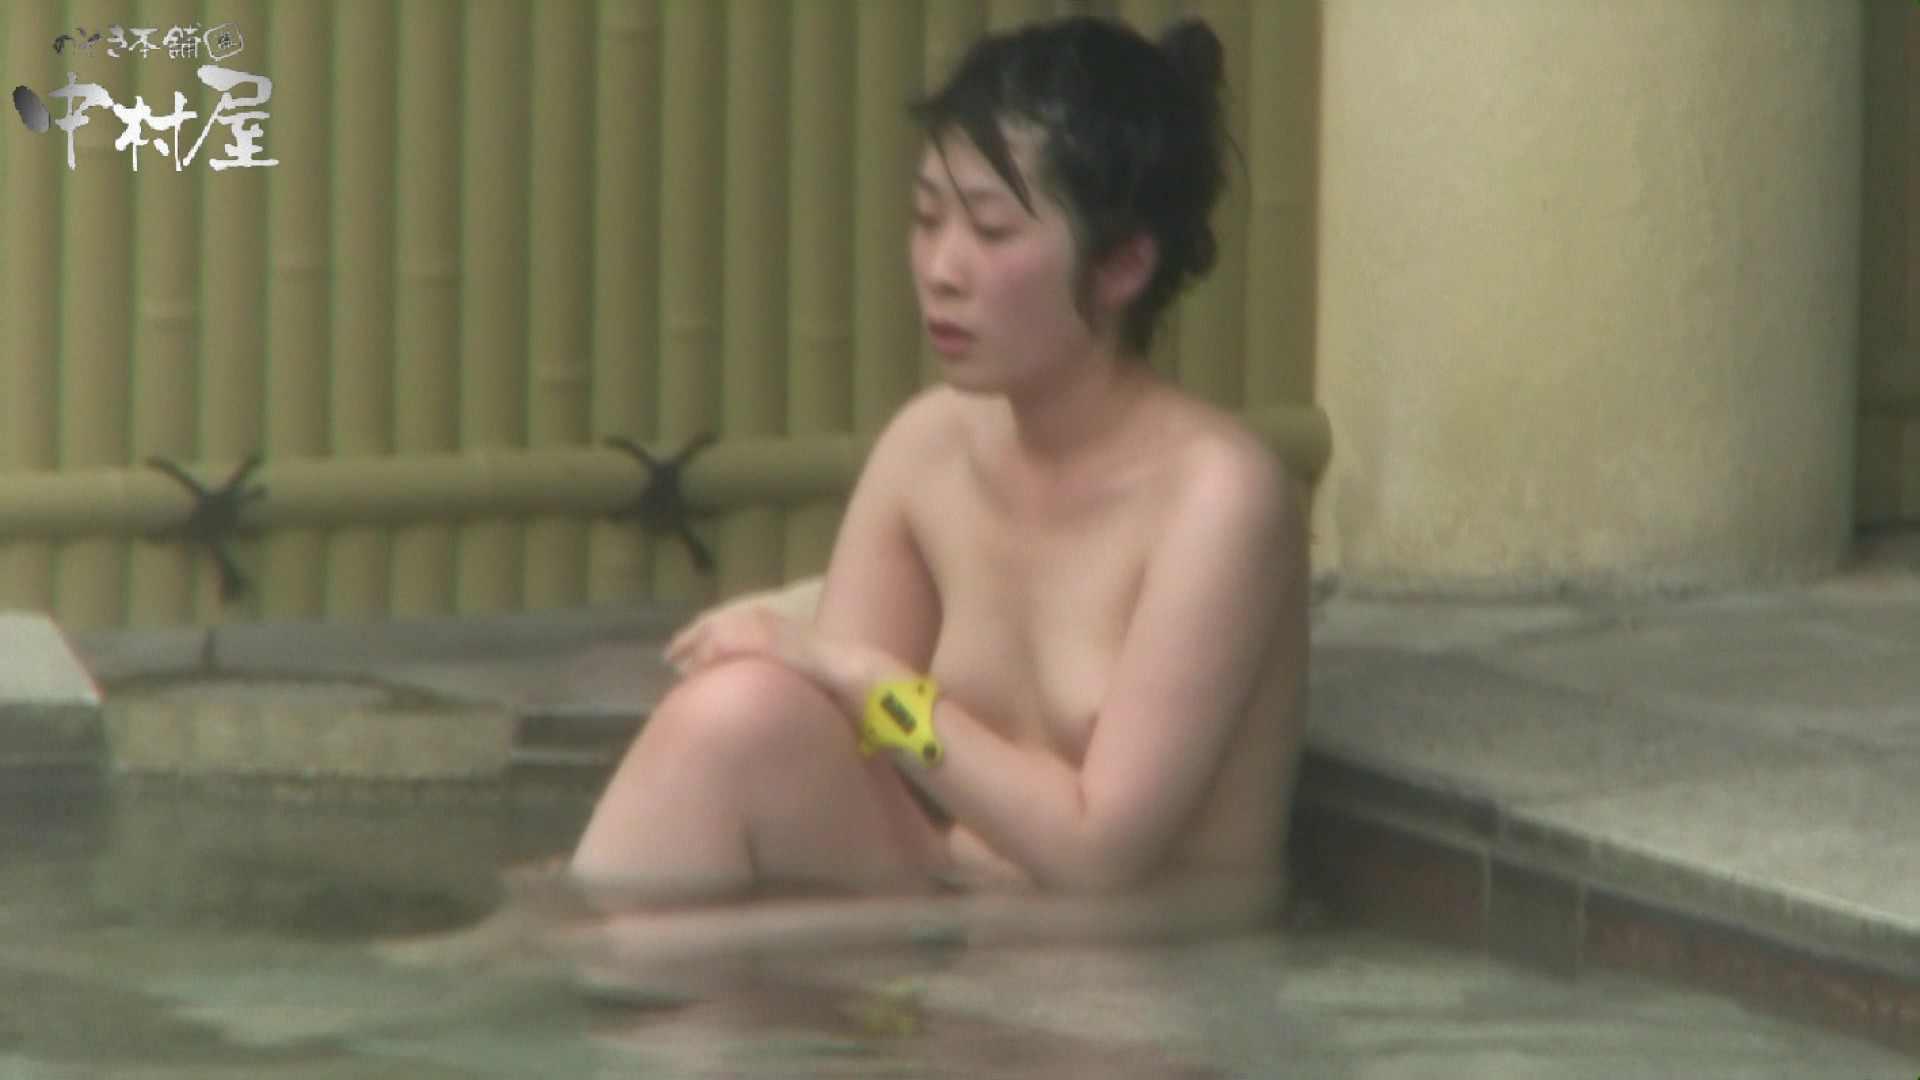 Aquaな露天風呂Vol.955 美しいOLの裸体 エロ無料画像 85pic 44